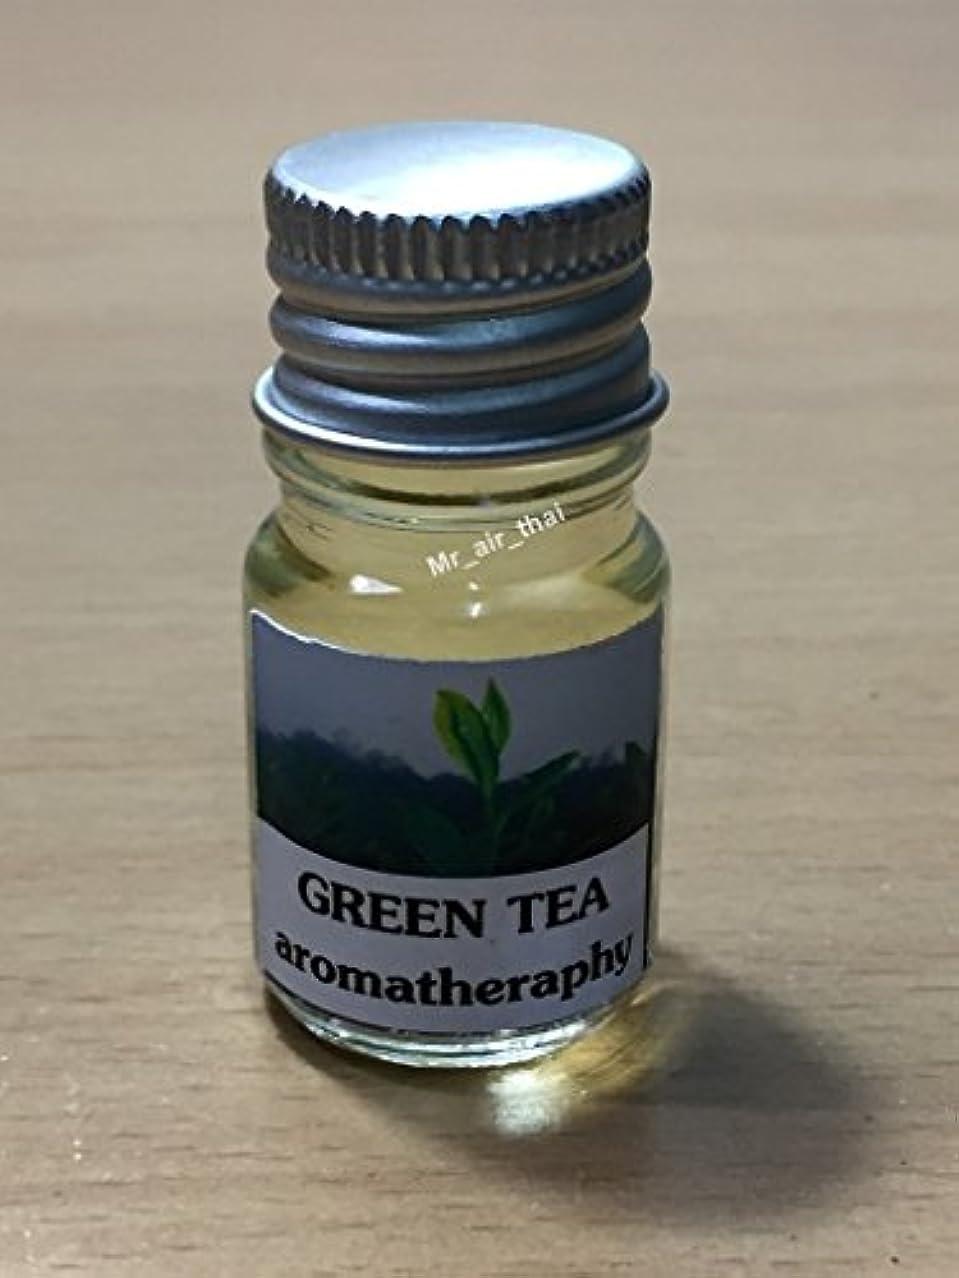 贅沢な映画最も遠い5ミリリットルアロマ緑茶フランクインセンスエッセンシャルオイルボトルアロマテラピーオイル自然自然5ml Aroma Green Tea Frankincense Essential Oil Bottles Aromatherapy...